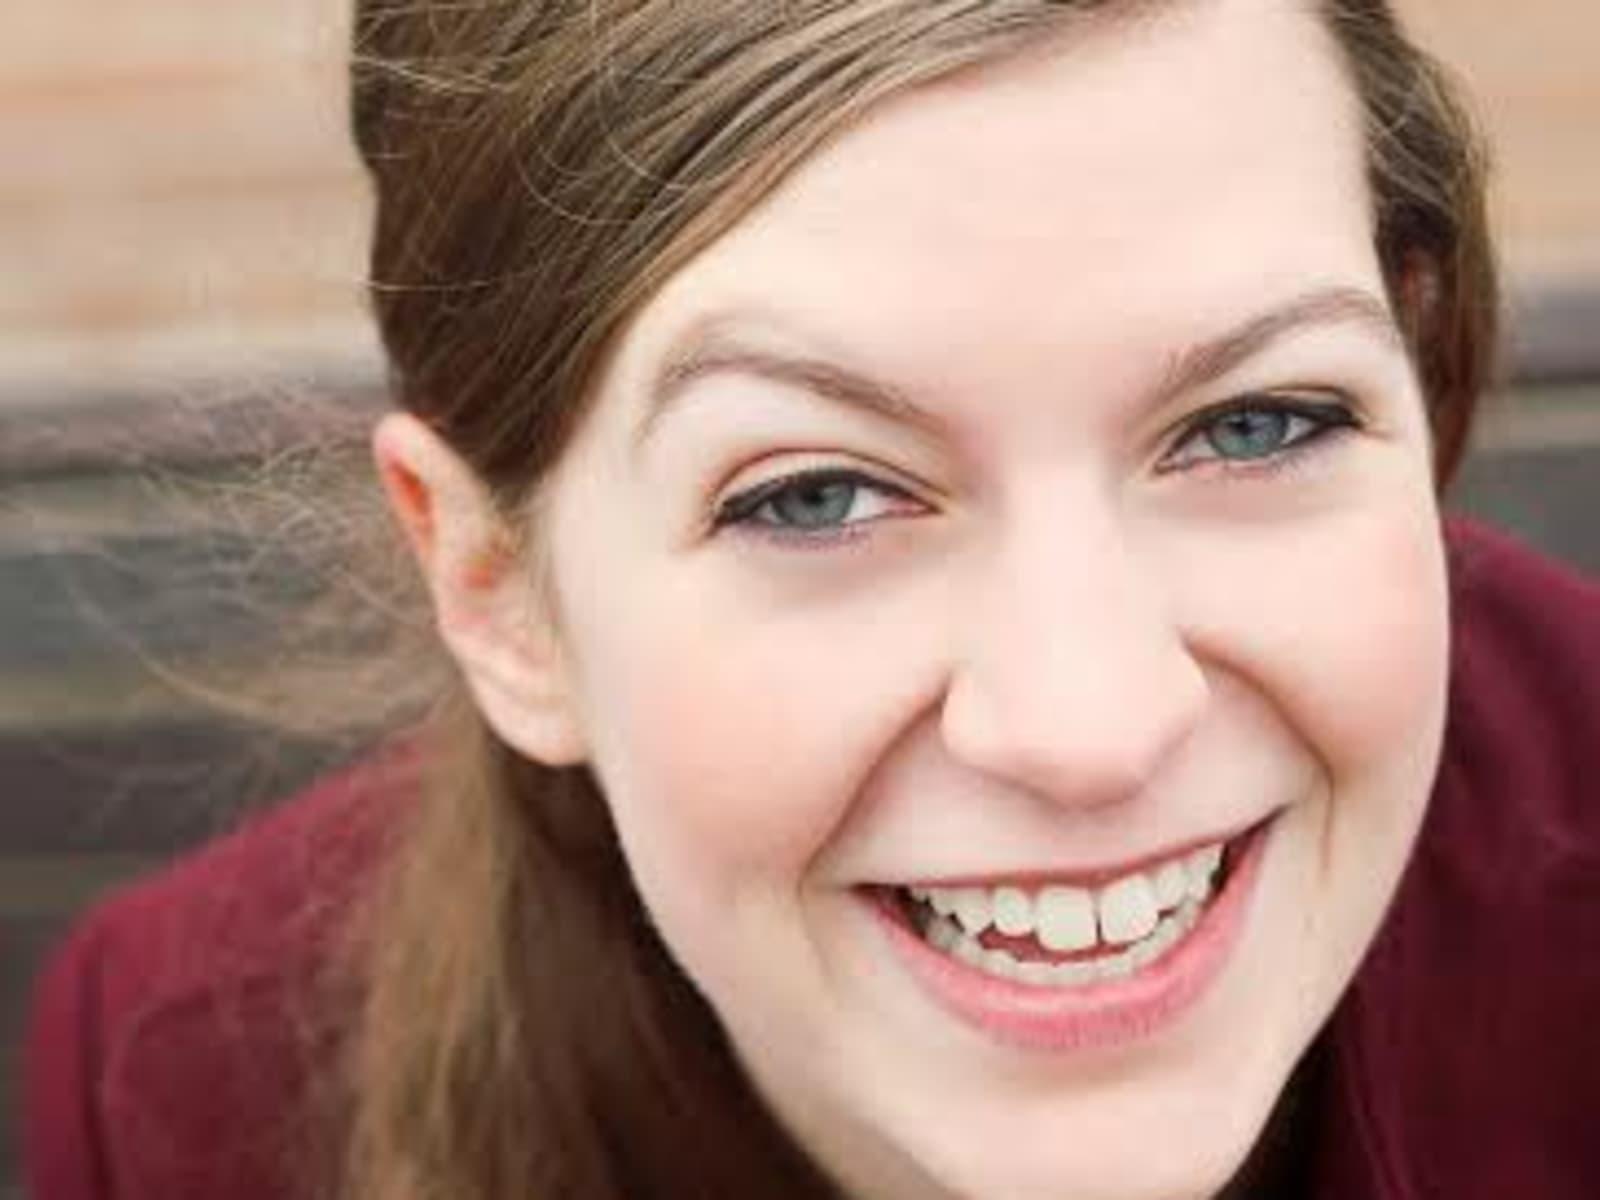 Lauren from Saskatoon, Saskatchewan, Canada